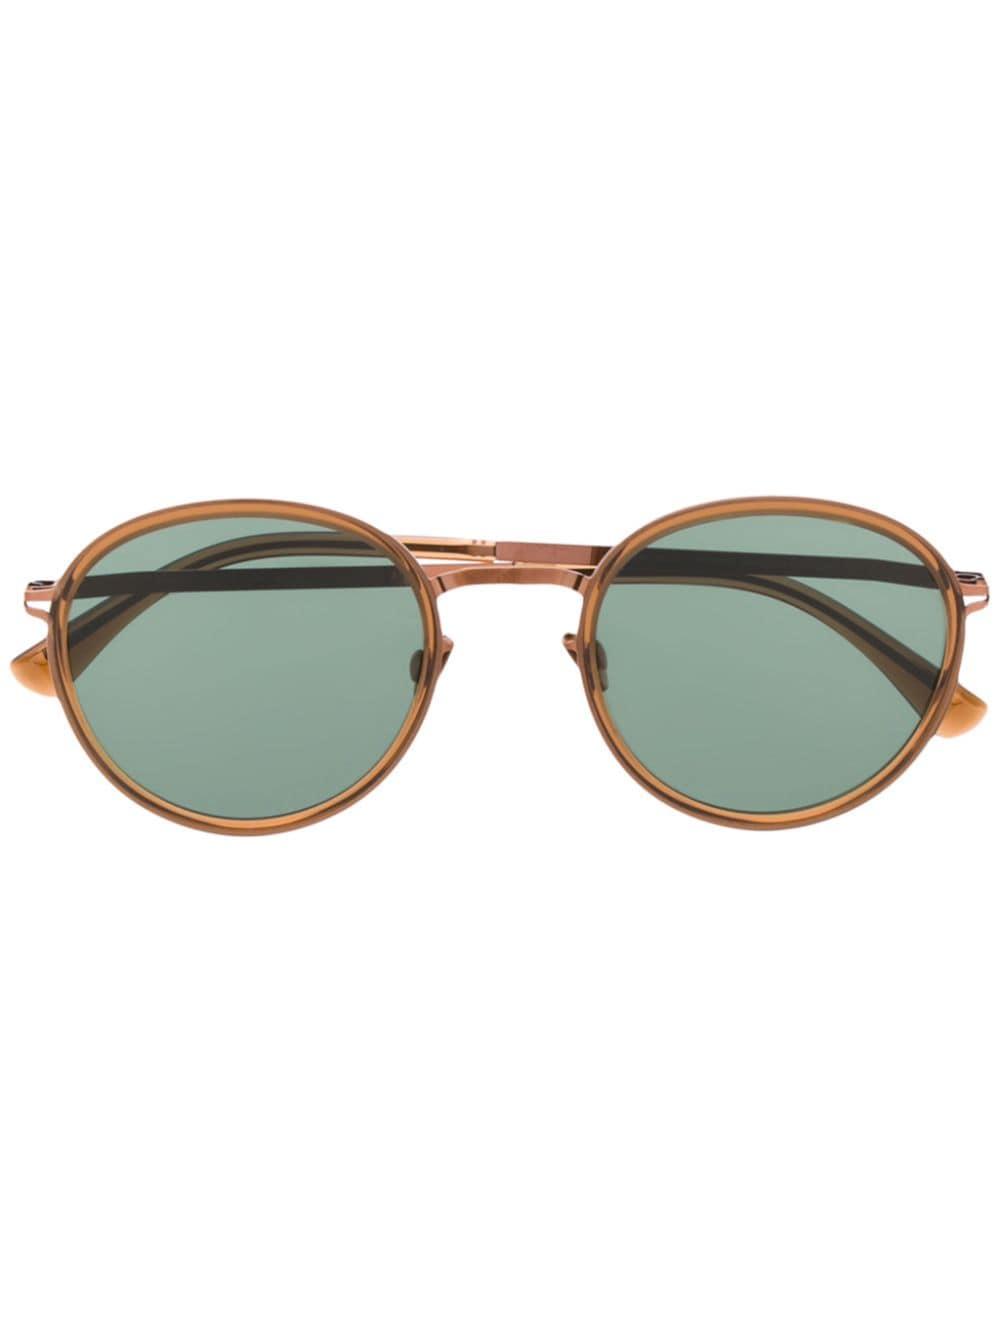 Mykita 'Tuva' Sonnenbrille - Braun